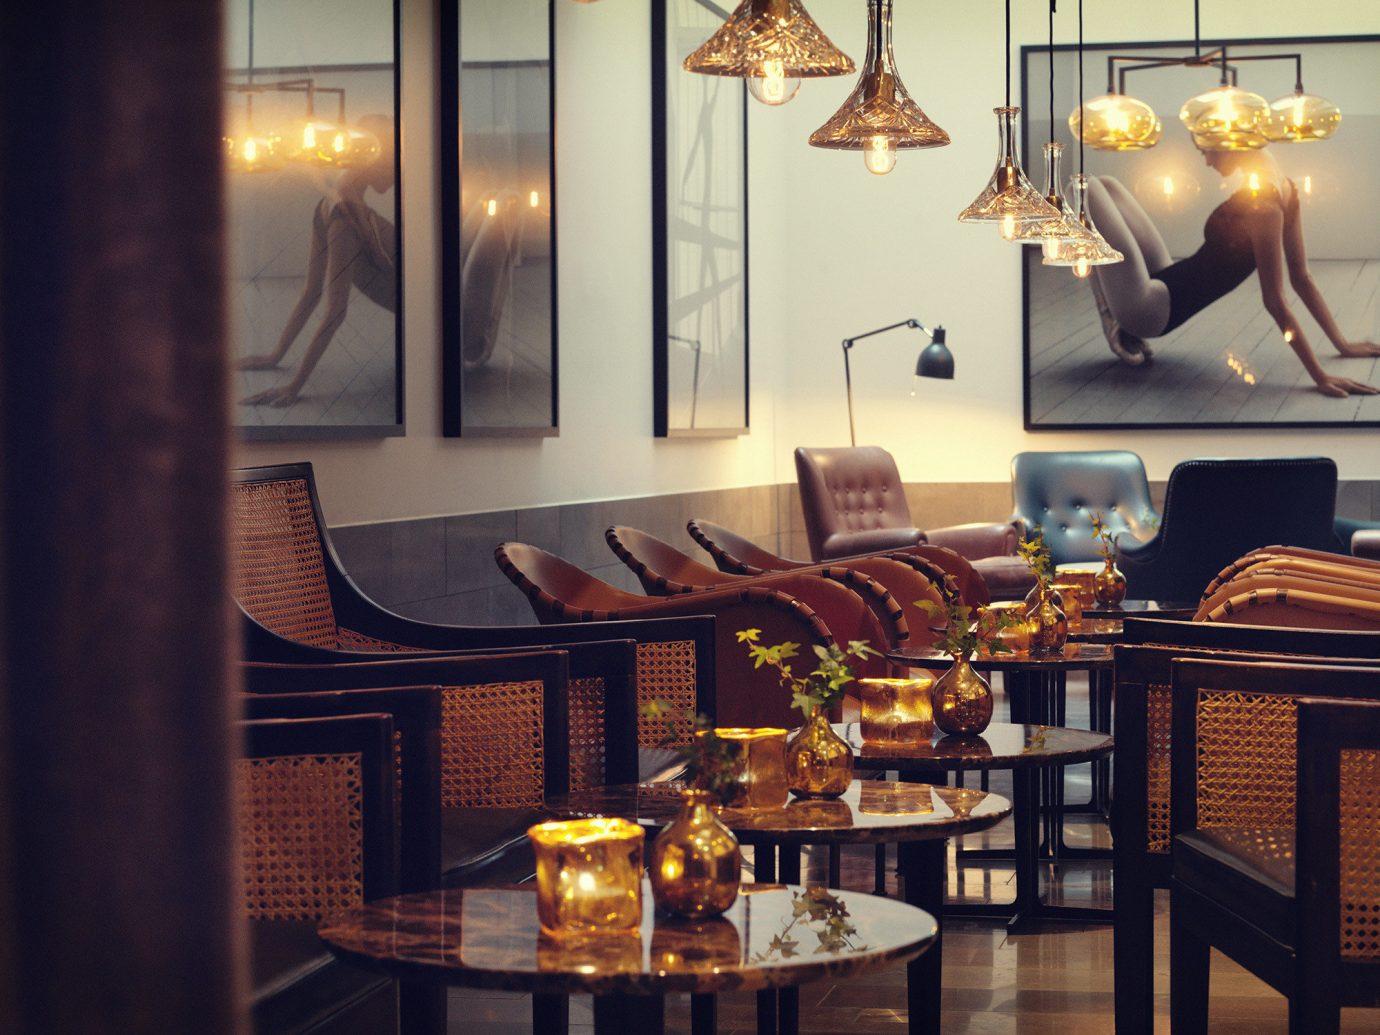 Hotels Stockholm Sweden room indoor interior design dining room furniture table home restaurant living room set